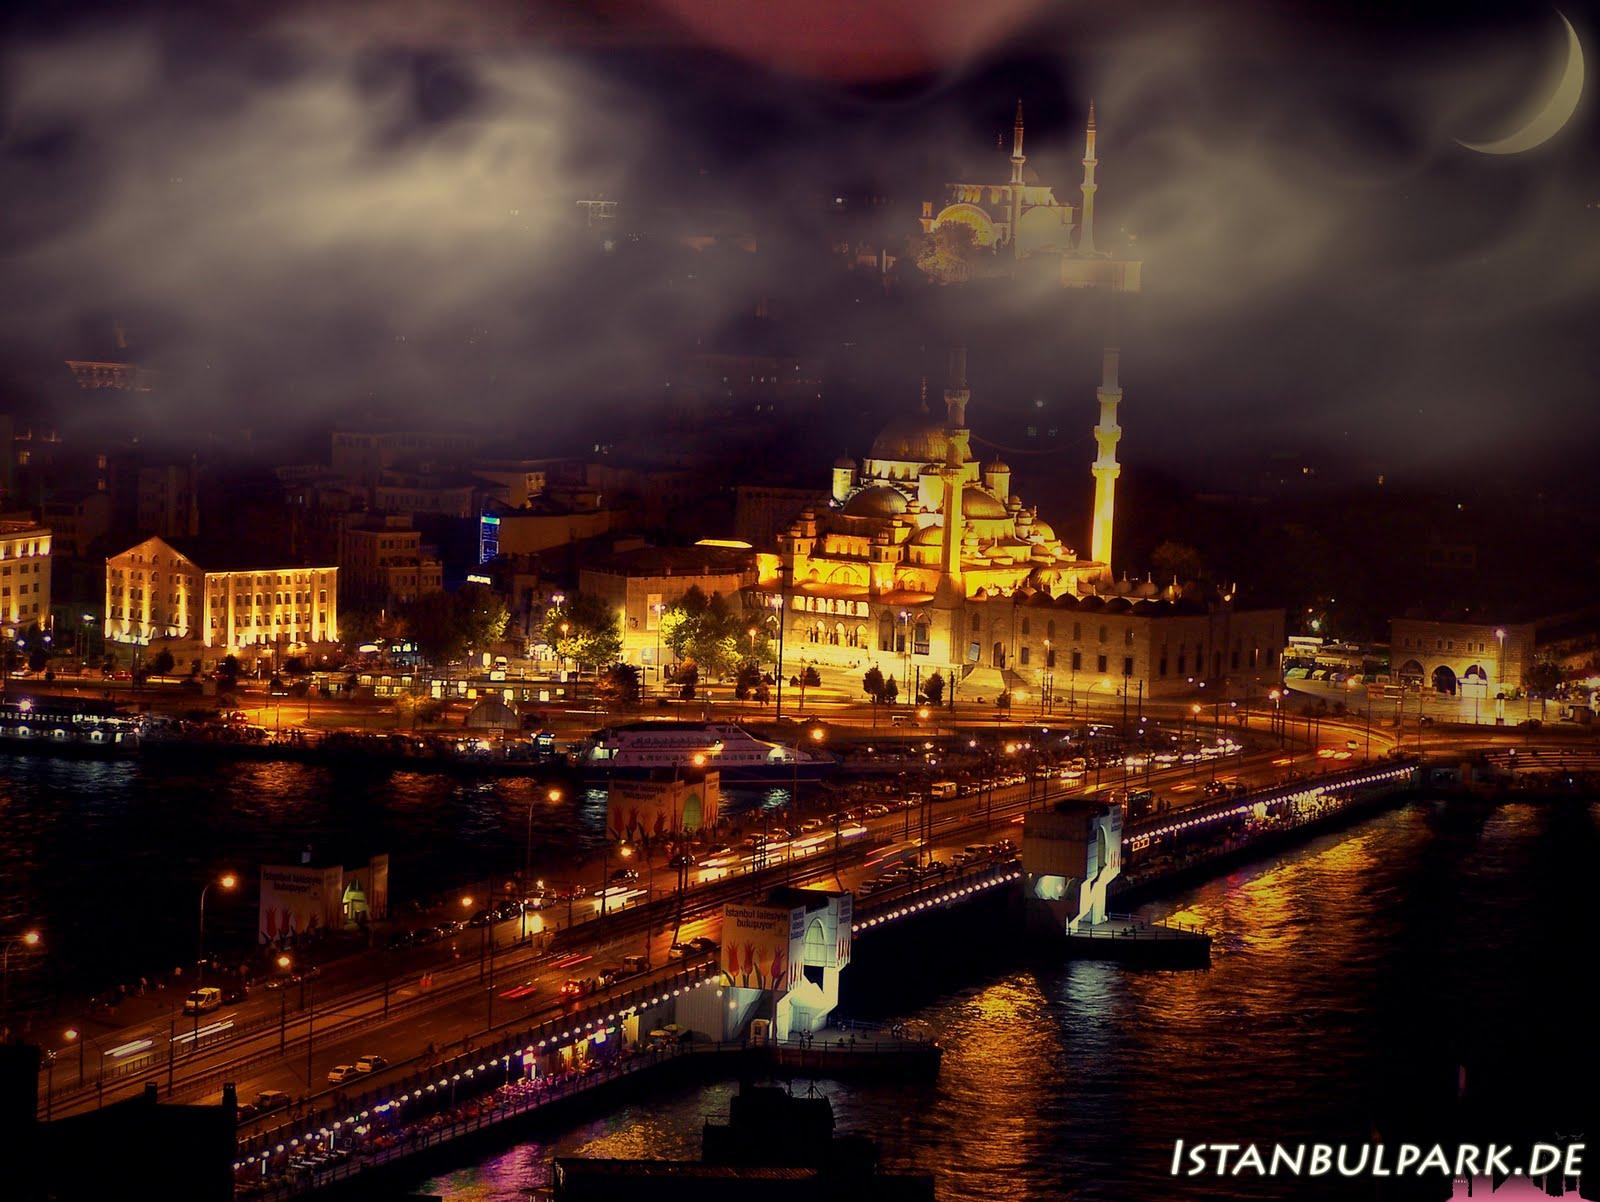 http://2.bp.blogspot.com/-Z02r1vLNC00/Tdnr2I739rI/AAAAAAAABQw/myPp-cBp9iw/s1600/istanbul-eminonu-wallpaper.jpg